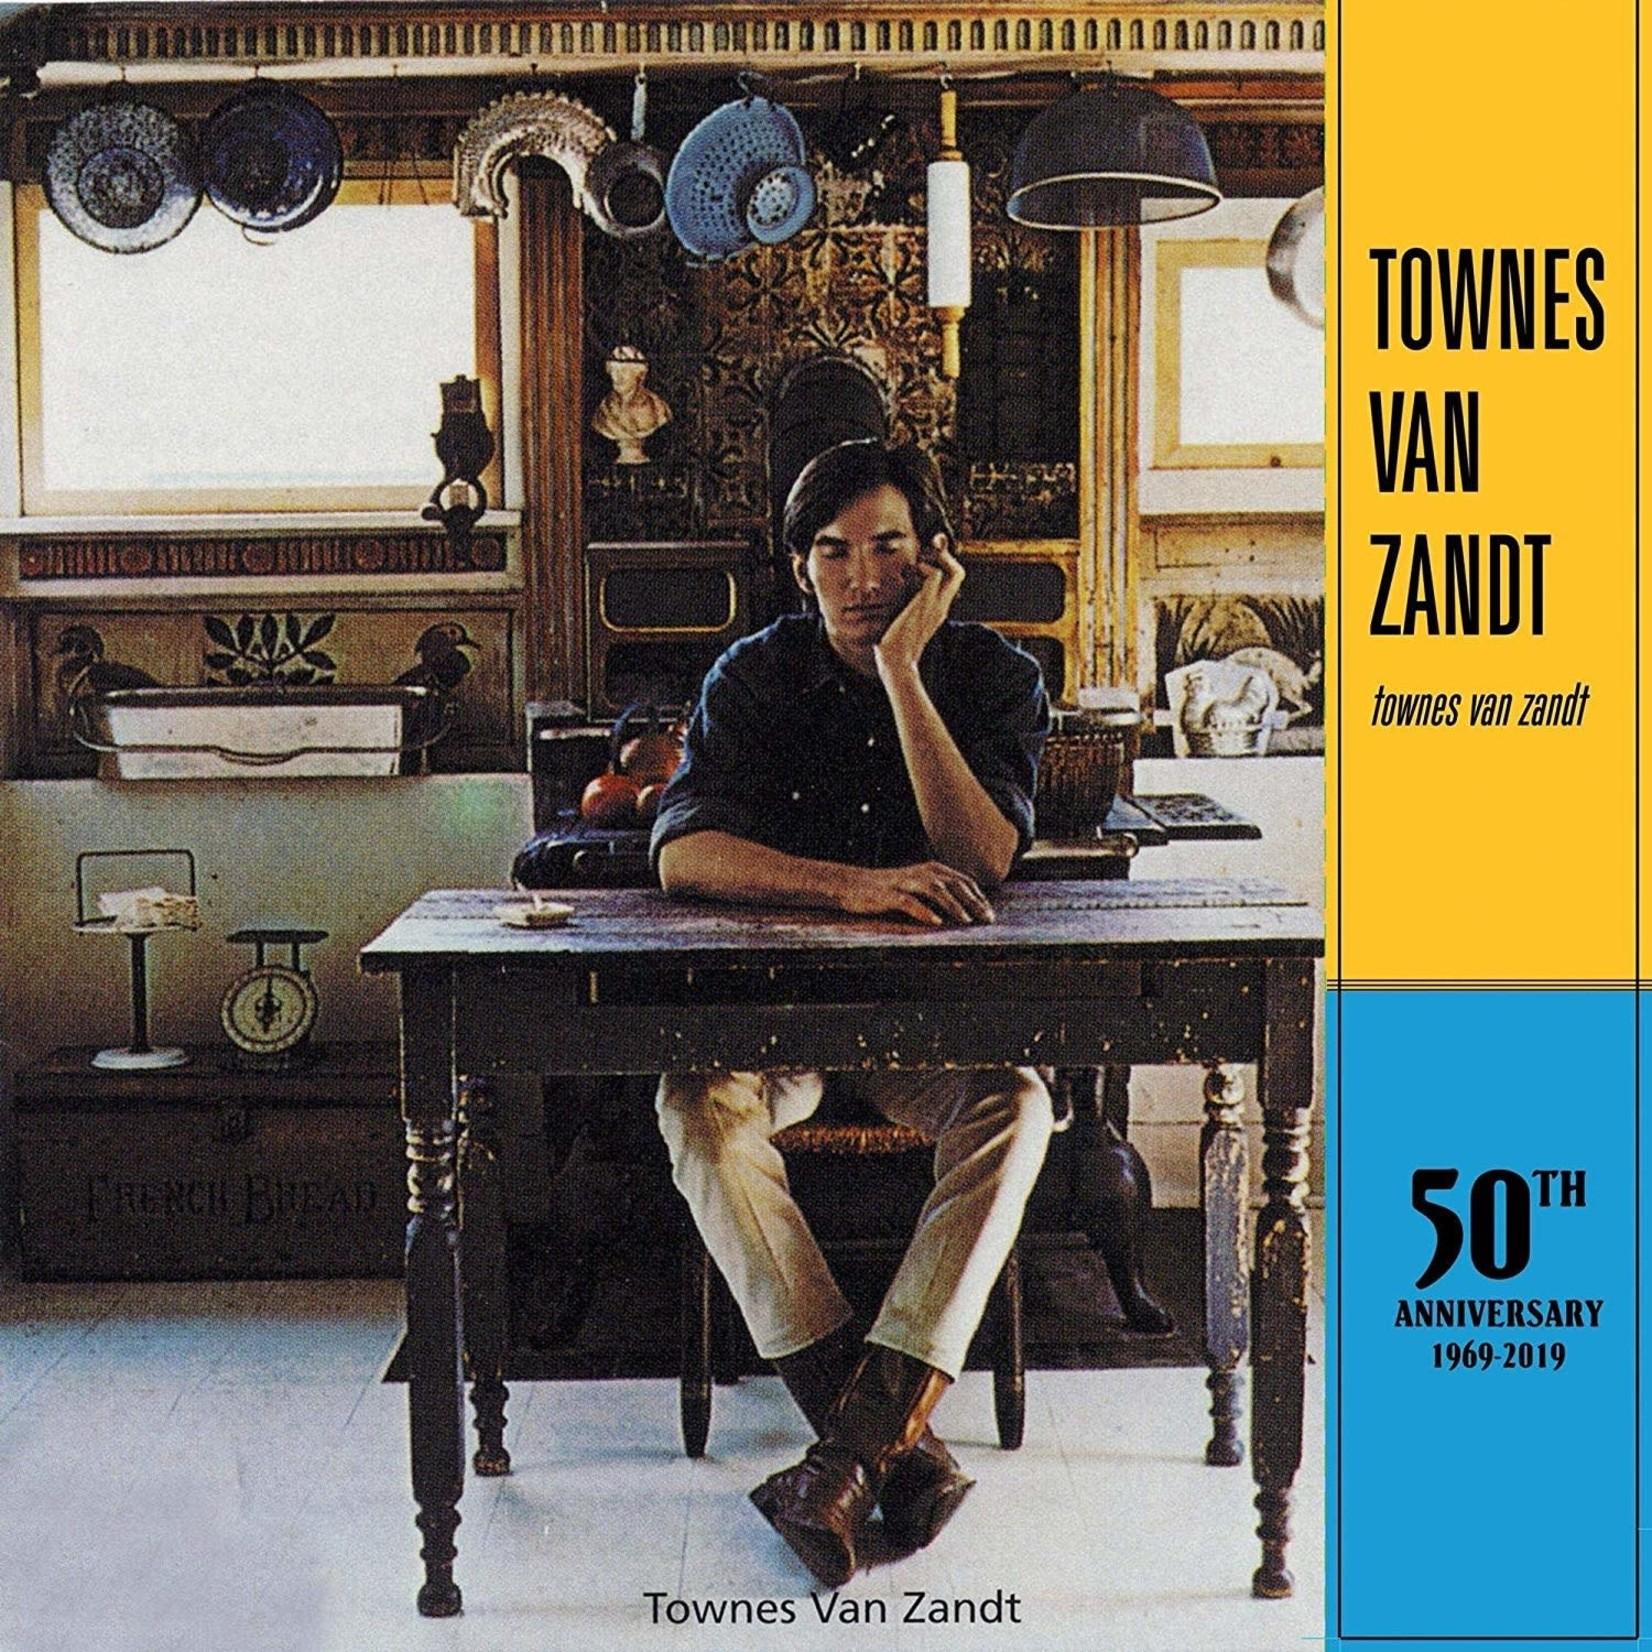 [New] Townes Van Zandt: Townes Van Zandt (50th Anniversary Ed.)